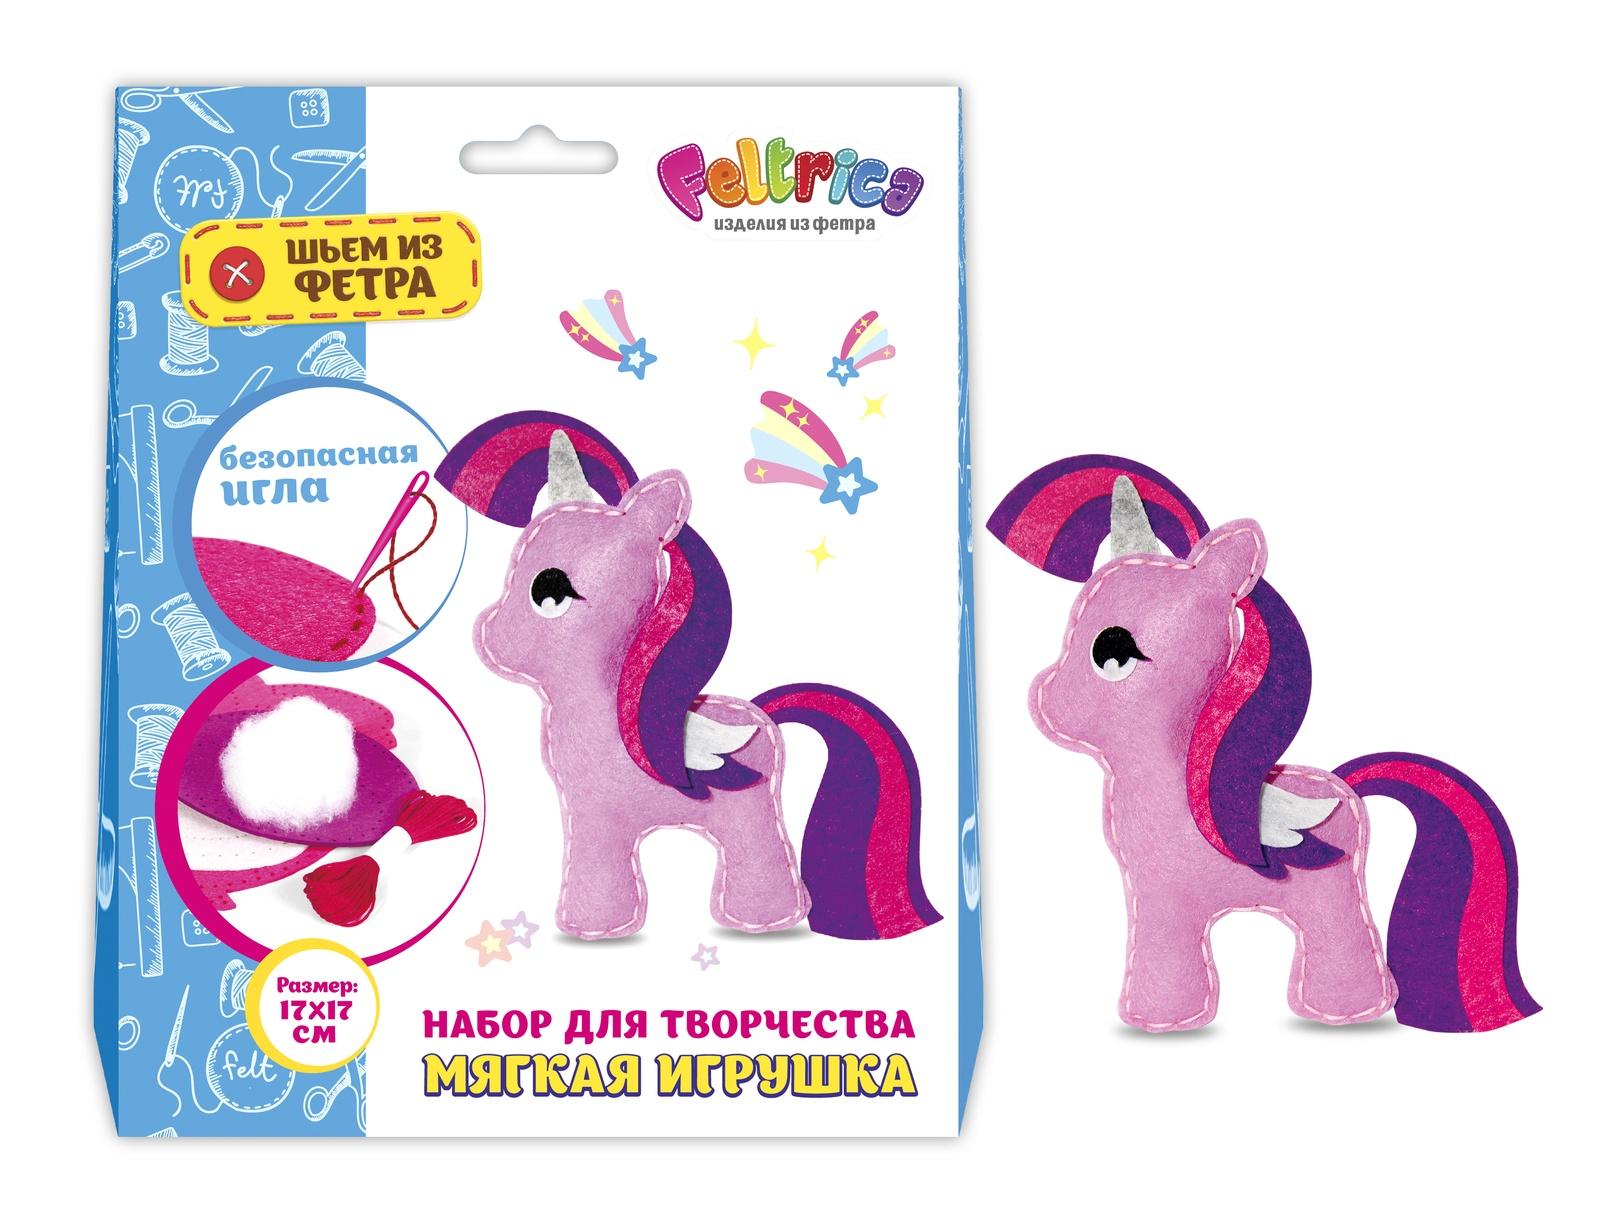 Набор для изготовления игрушки Feltrica Шьем из фетра Единорог фиолетовый игрушки для детей единорог